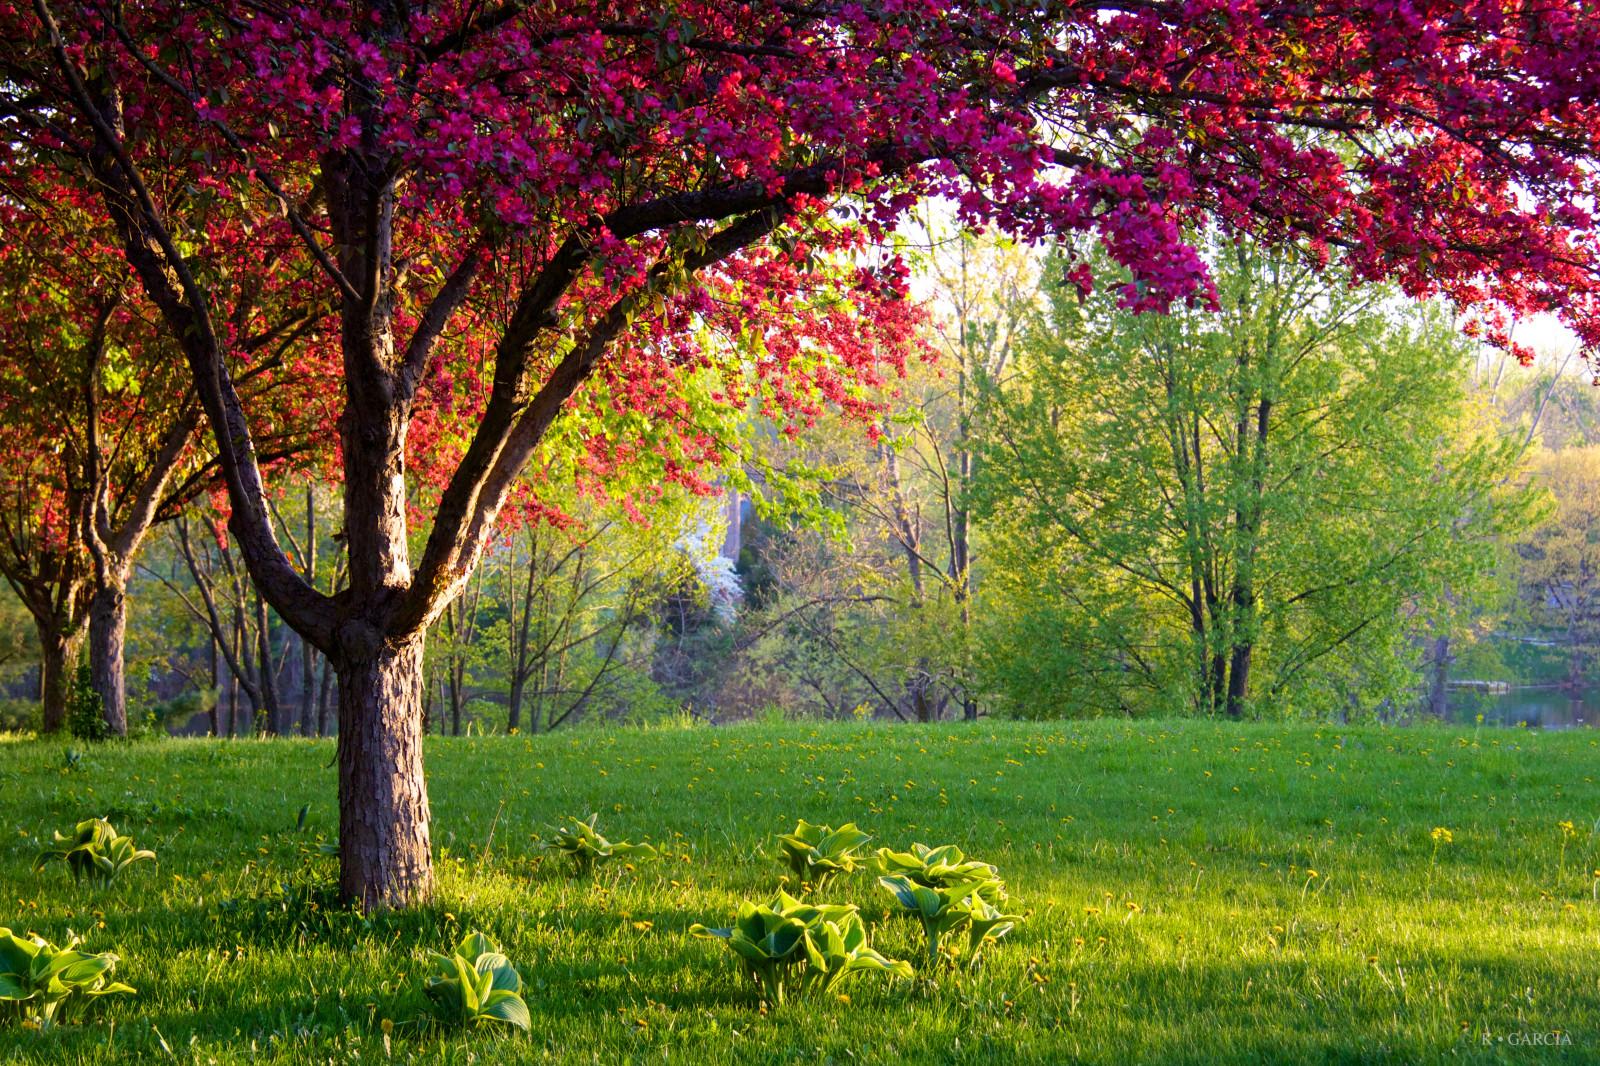 Fondos de pantalla luz de sol paisaje bosque jard n - Paisajes y jardines ...